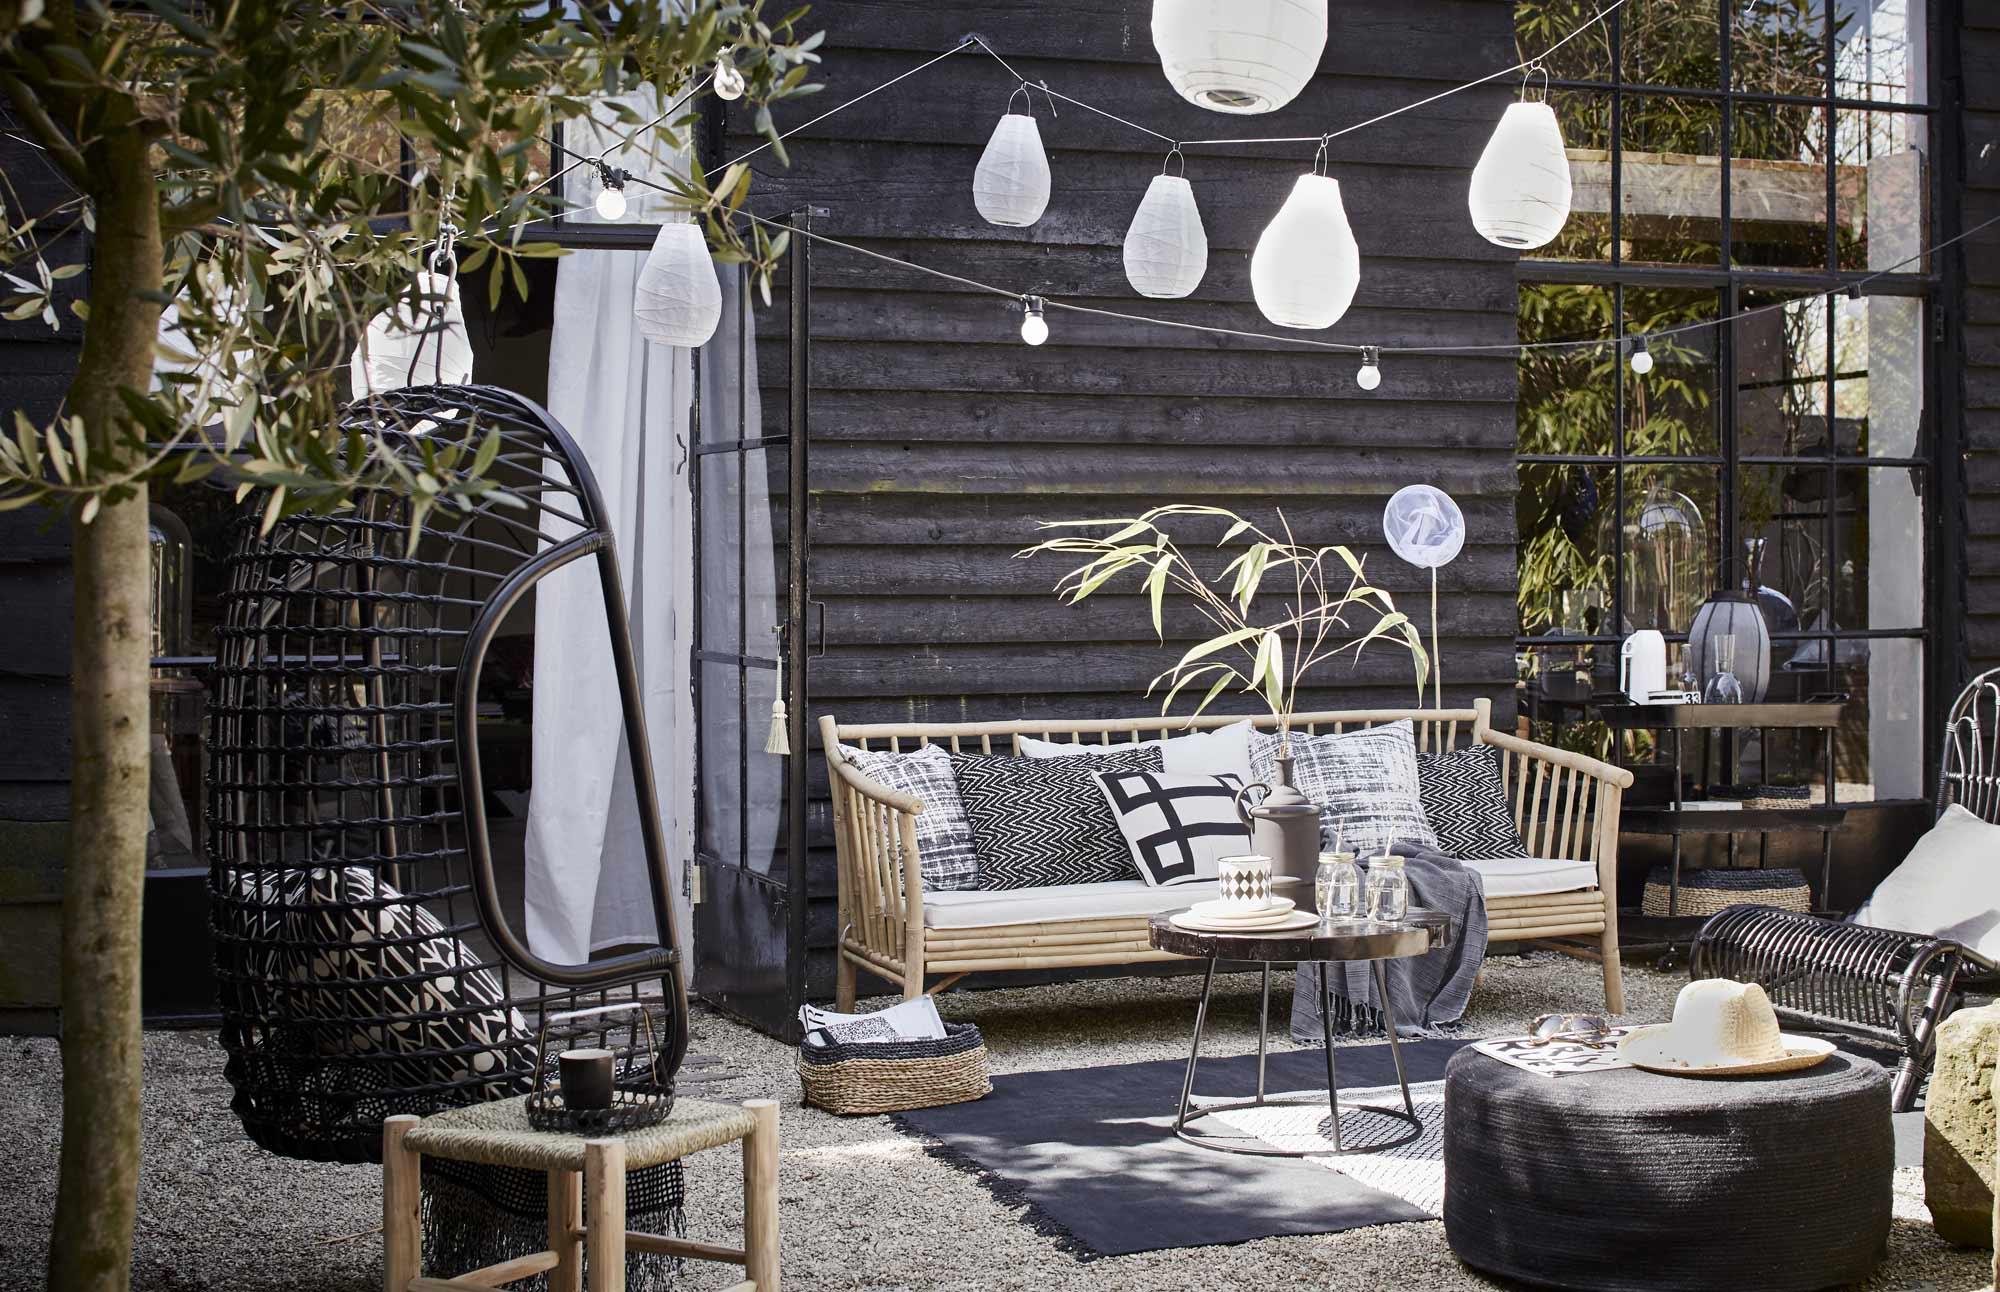 Industriele-tuin-tuininspiratie-zwarte-tuin-stoere-tuin-industrieel-interieur-moderne-tuin-botanische-tuin-loungen-relaxen-tuin-overkapping-1